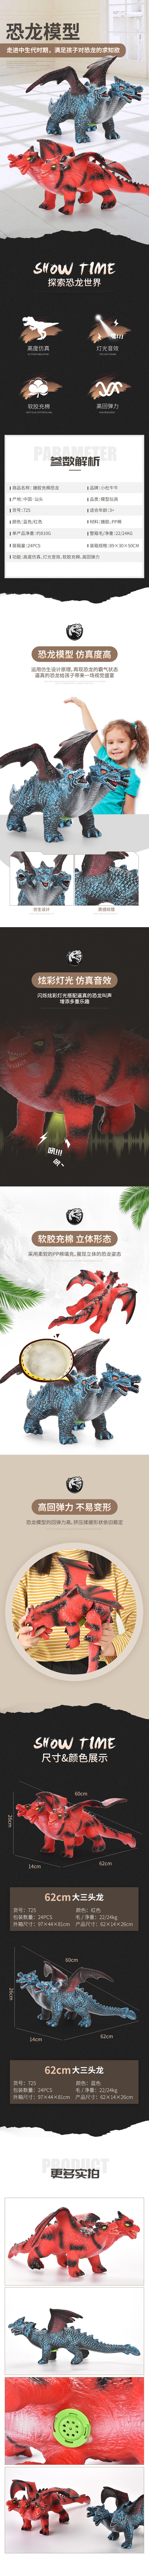 智创乐玩具厂-(725)-恐龙中文详情页.jpg